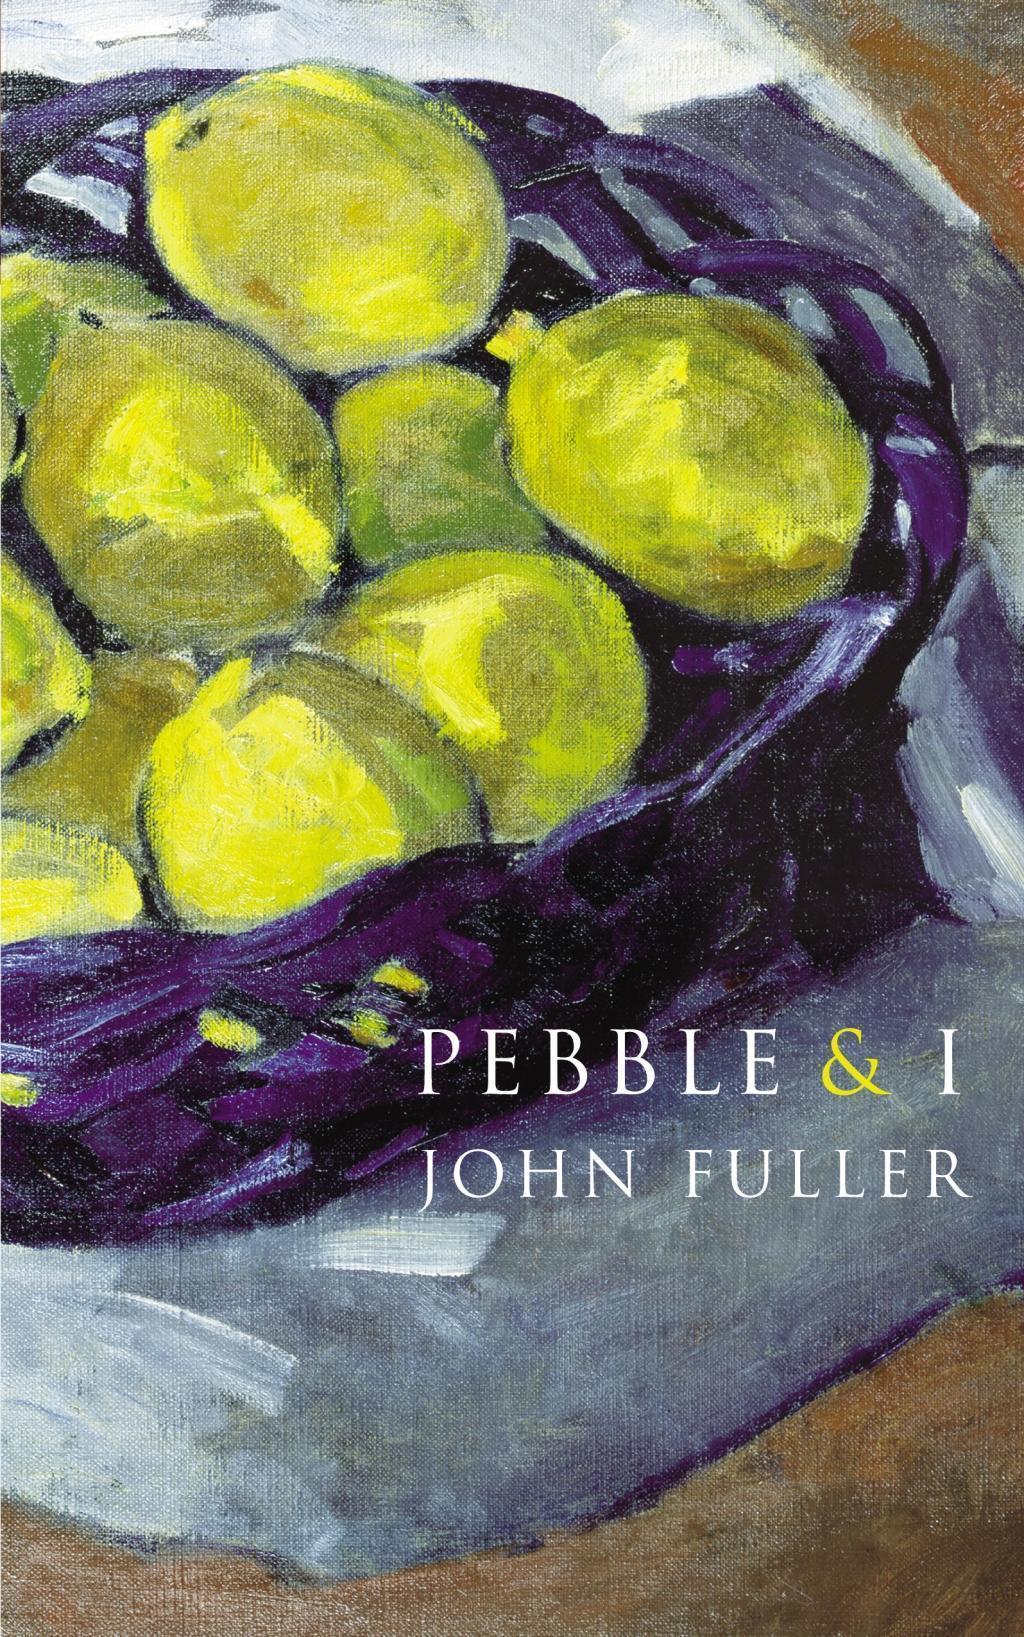 Pebble & I